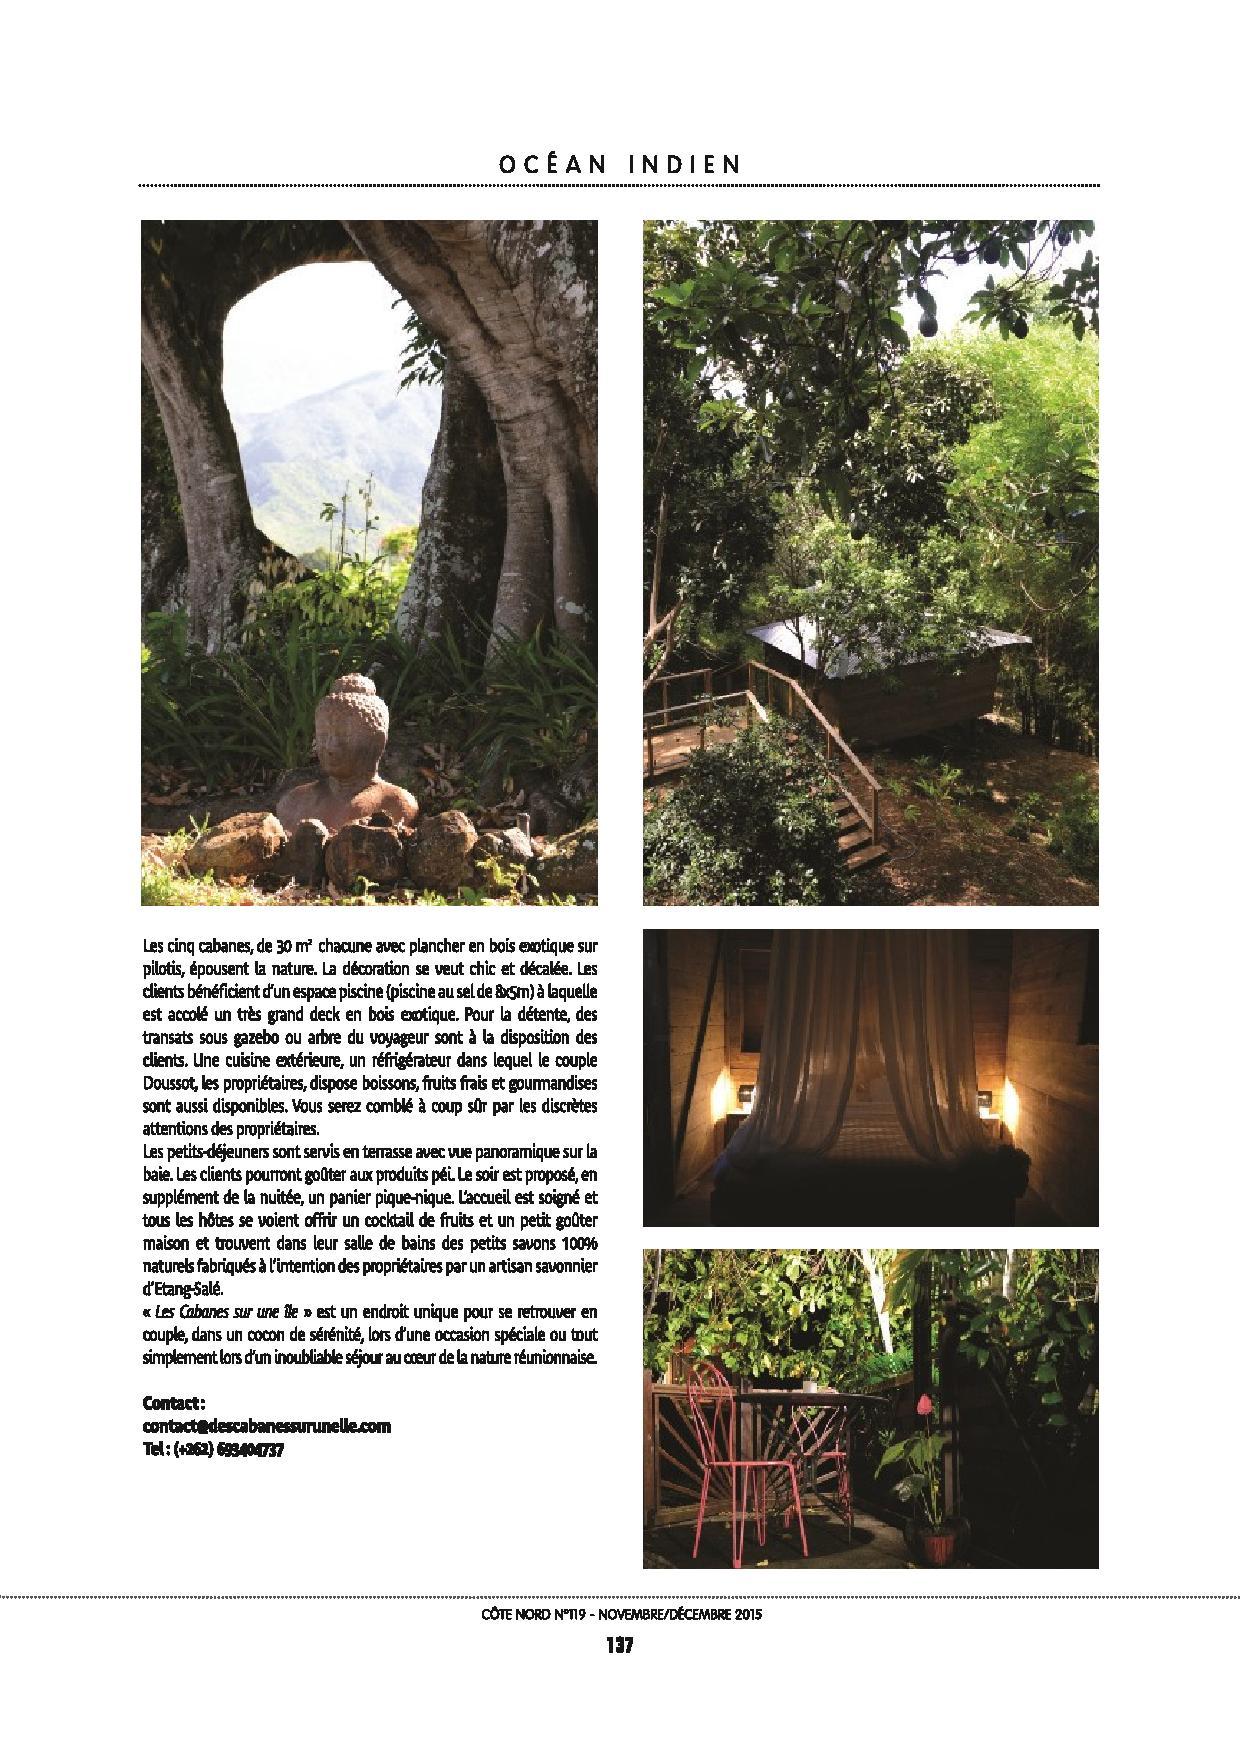 Coté Nord page 2